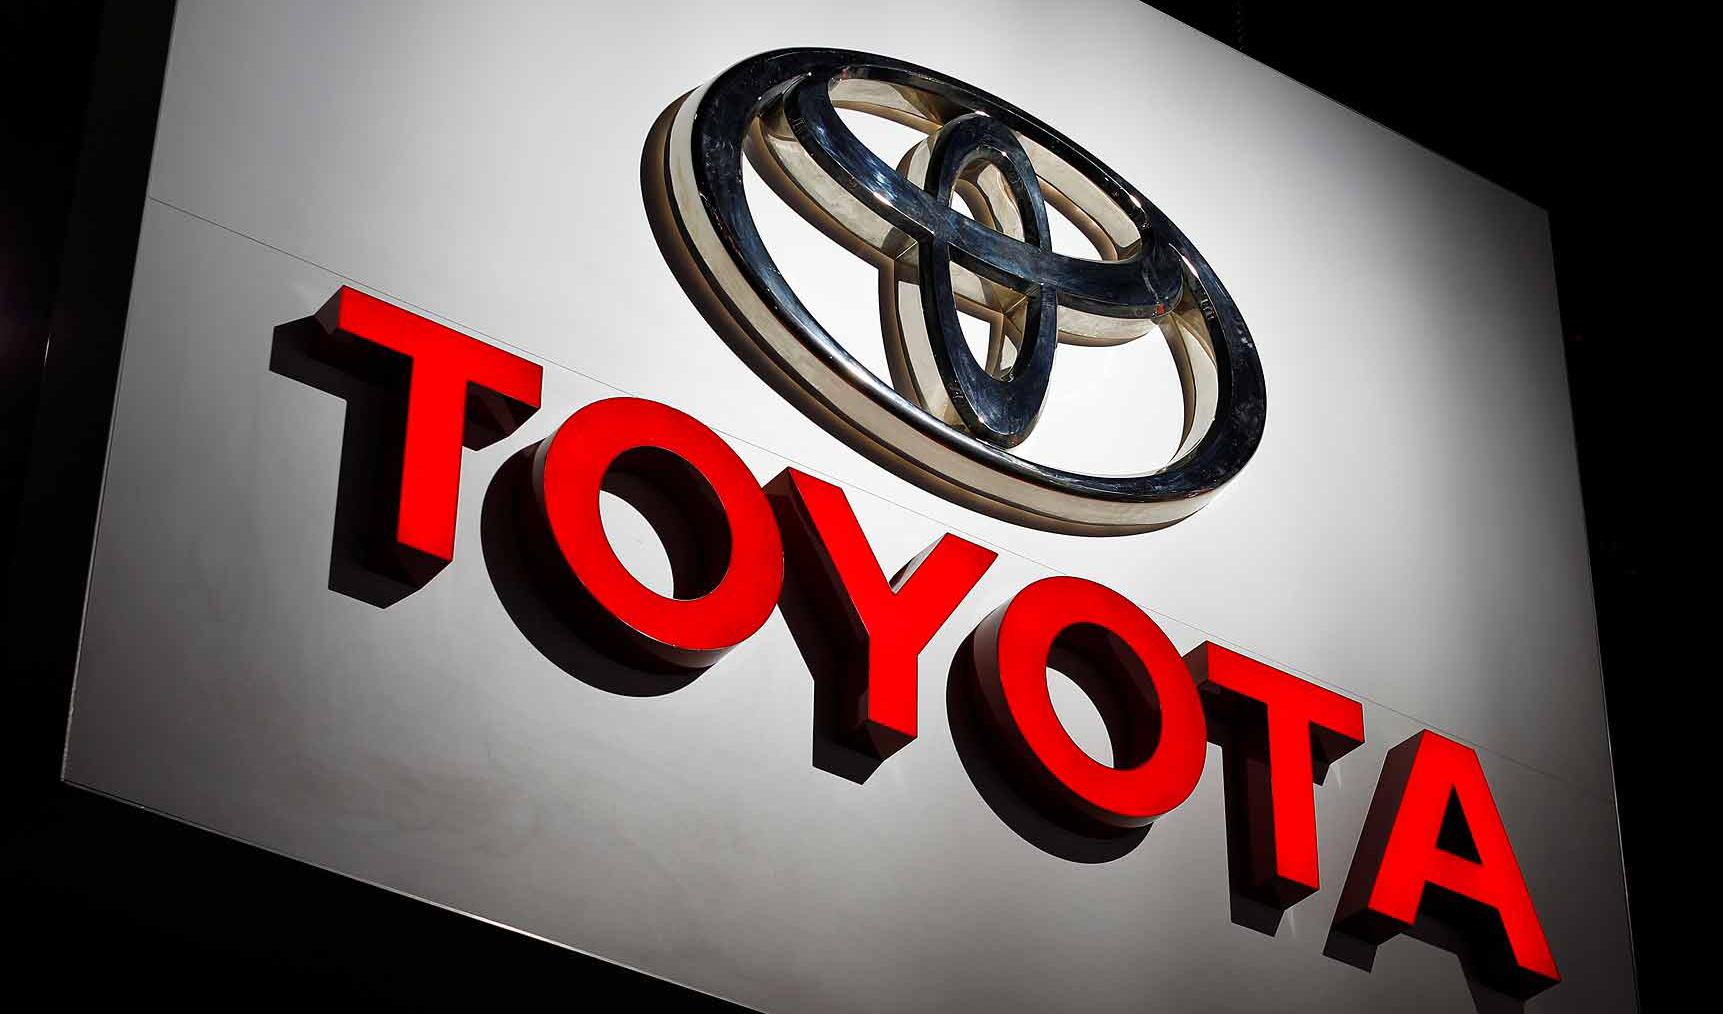 فروش سالانه خودروهای برقی تویوتا تا ۲۰۲۵ به ۵.۵ میلیون می رسد